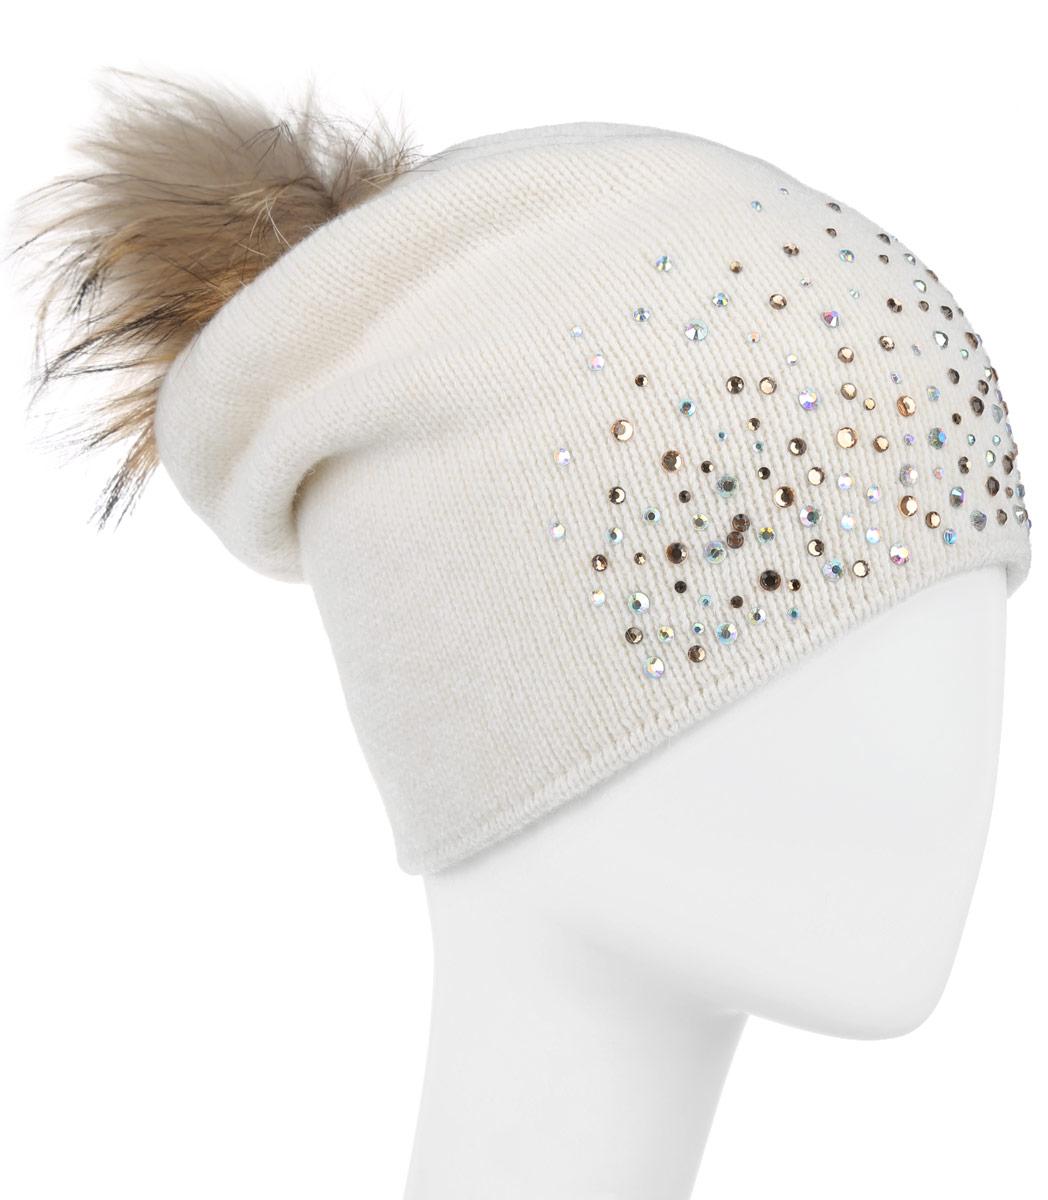 Шапка женская. B346546B346546Вязаная женская шапка Baon отлично подойдет для модниц в холодное время года. Она мягкая и приятная на ощупь, обладает хорошими дышащими свойствами и максимально удерживает тепло. Красивый съемный помпон из натурального меха отлично дополняет головной убор. Шапка оформлена сверкающими стразами. Такой стильный и теплый аксессуар подчеркнет ваш образ и индивидуальность.